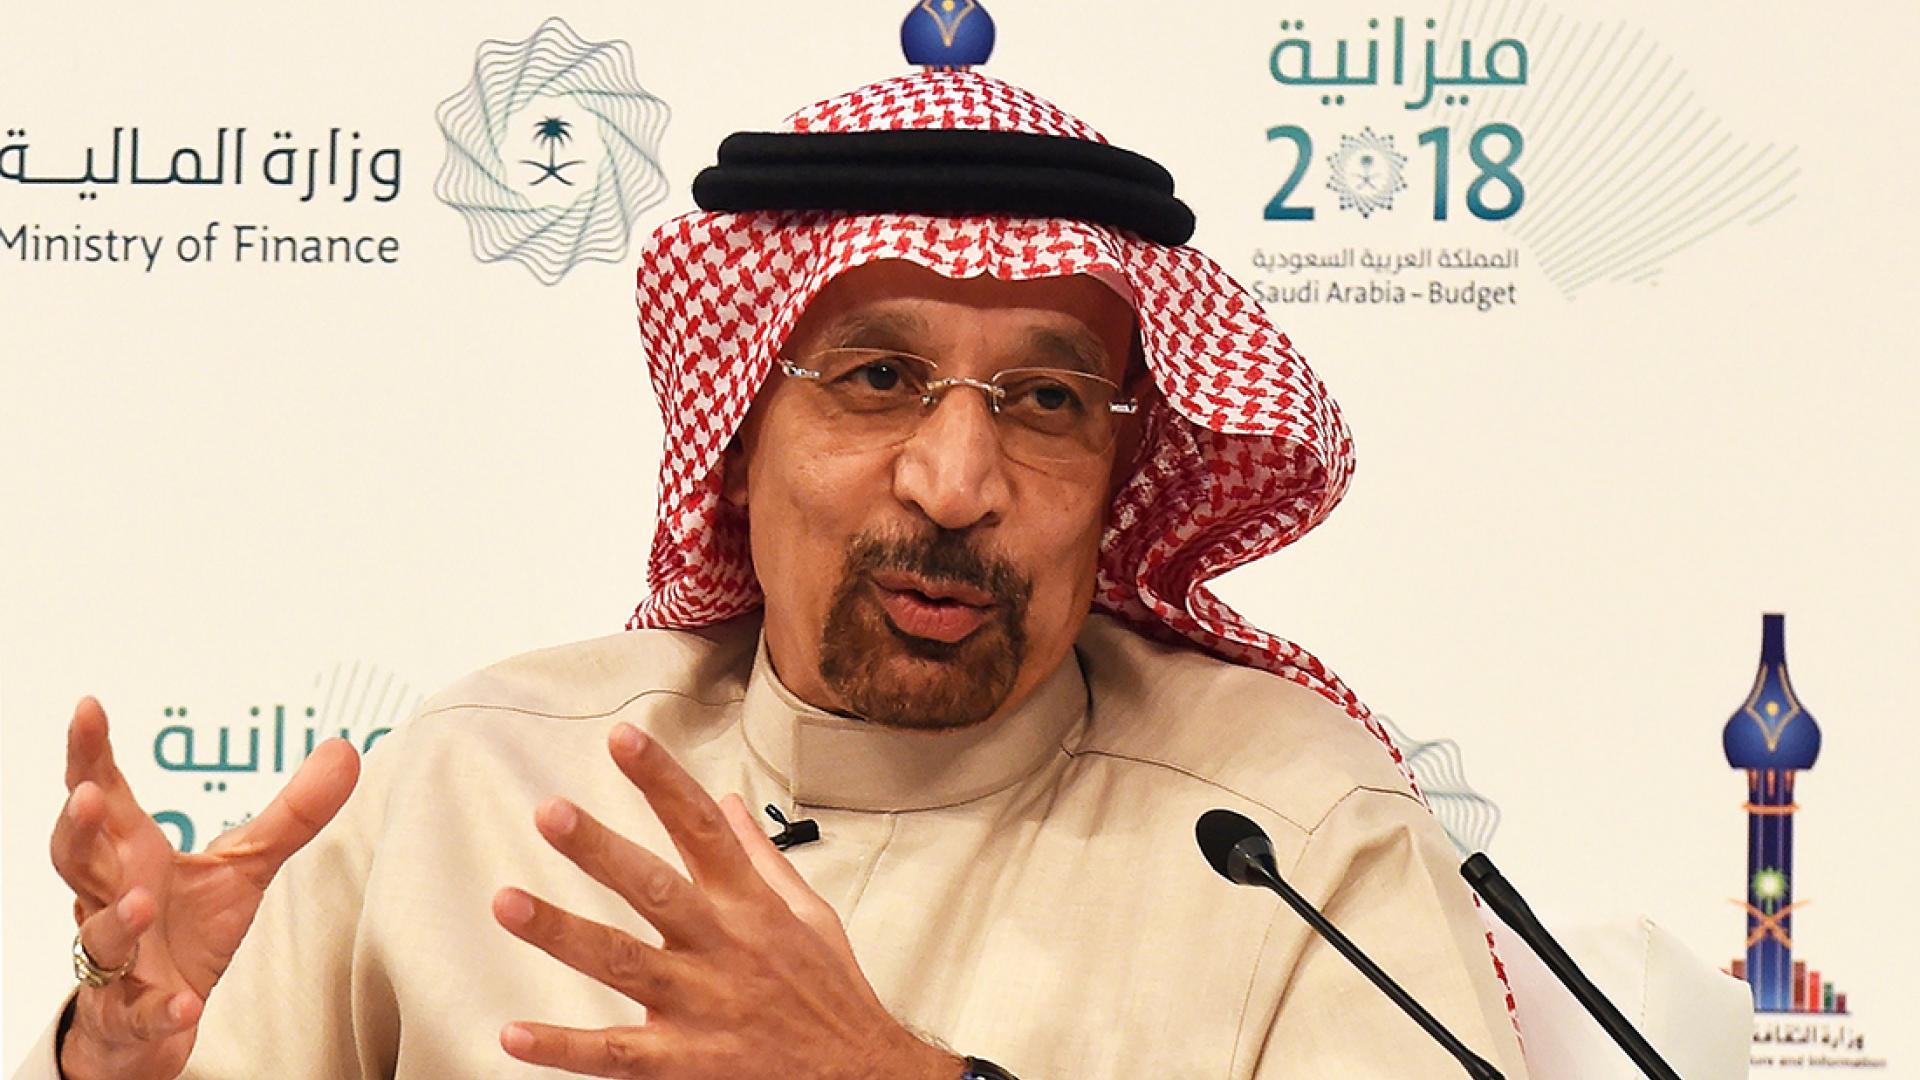 السعودية تعلق جميع شحنات النفط الخام عبر باب المندب